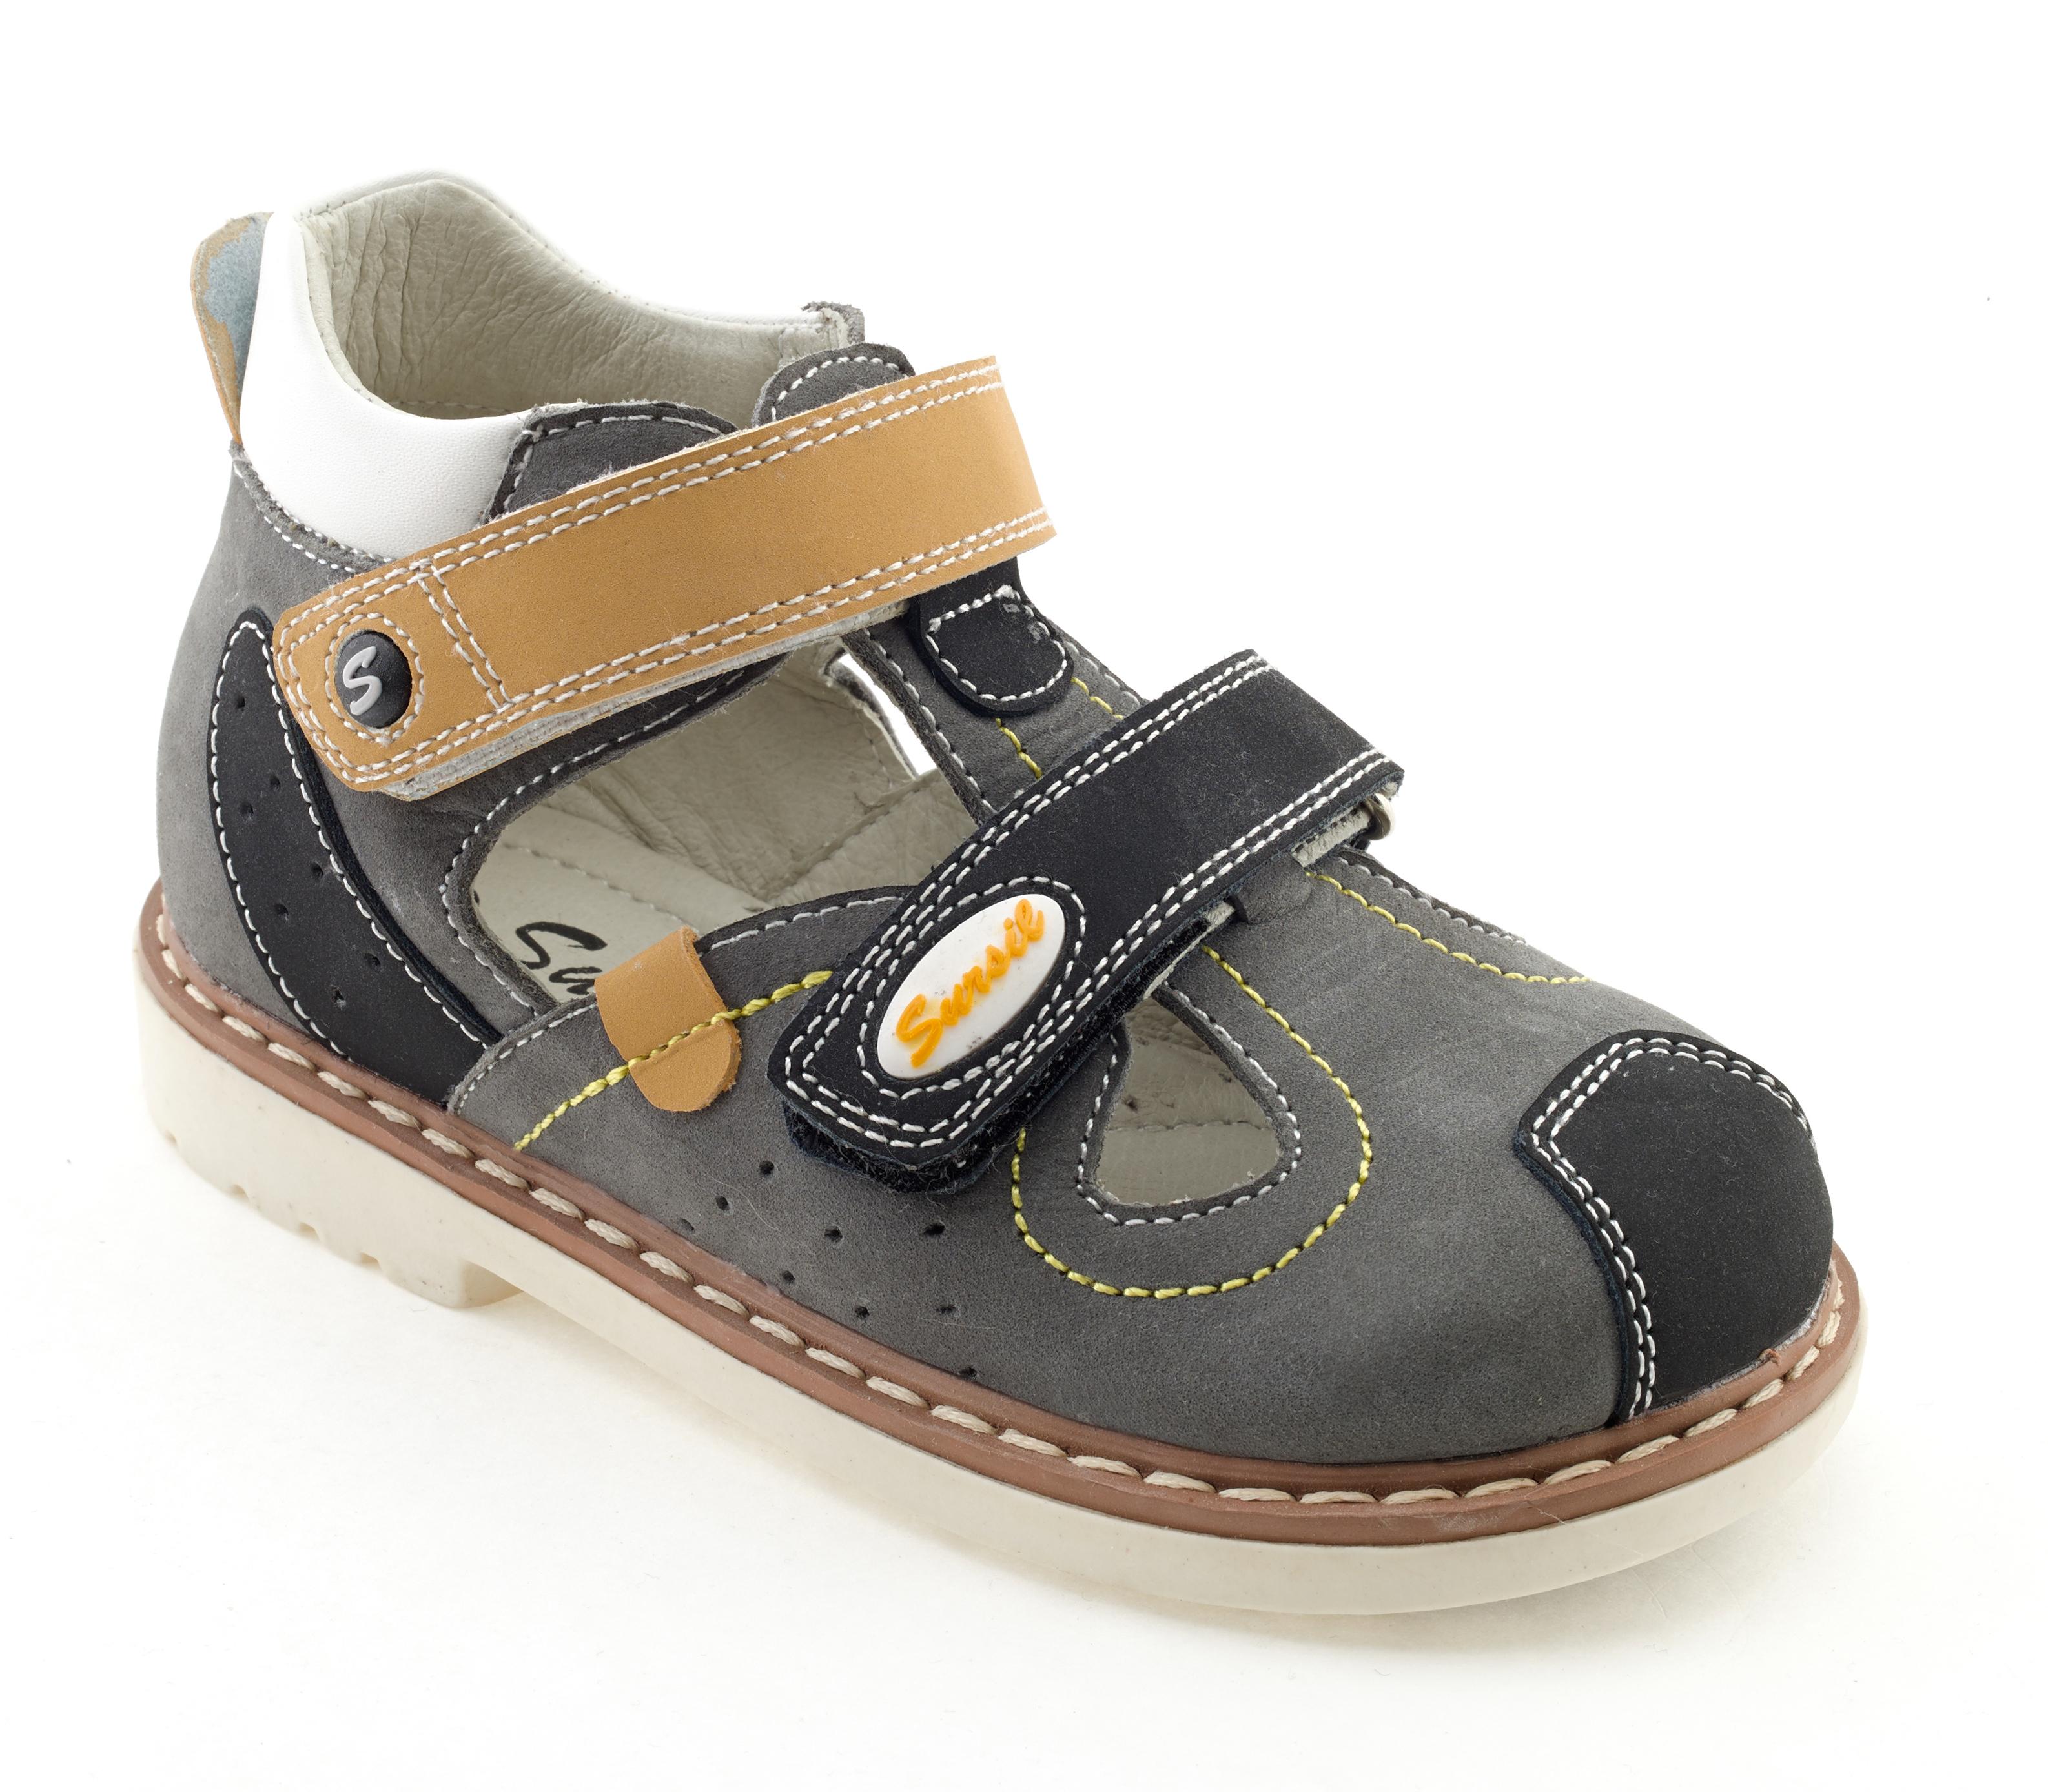 Ортопедические сандалии должны иметь гибкую широкую подошву и каблук